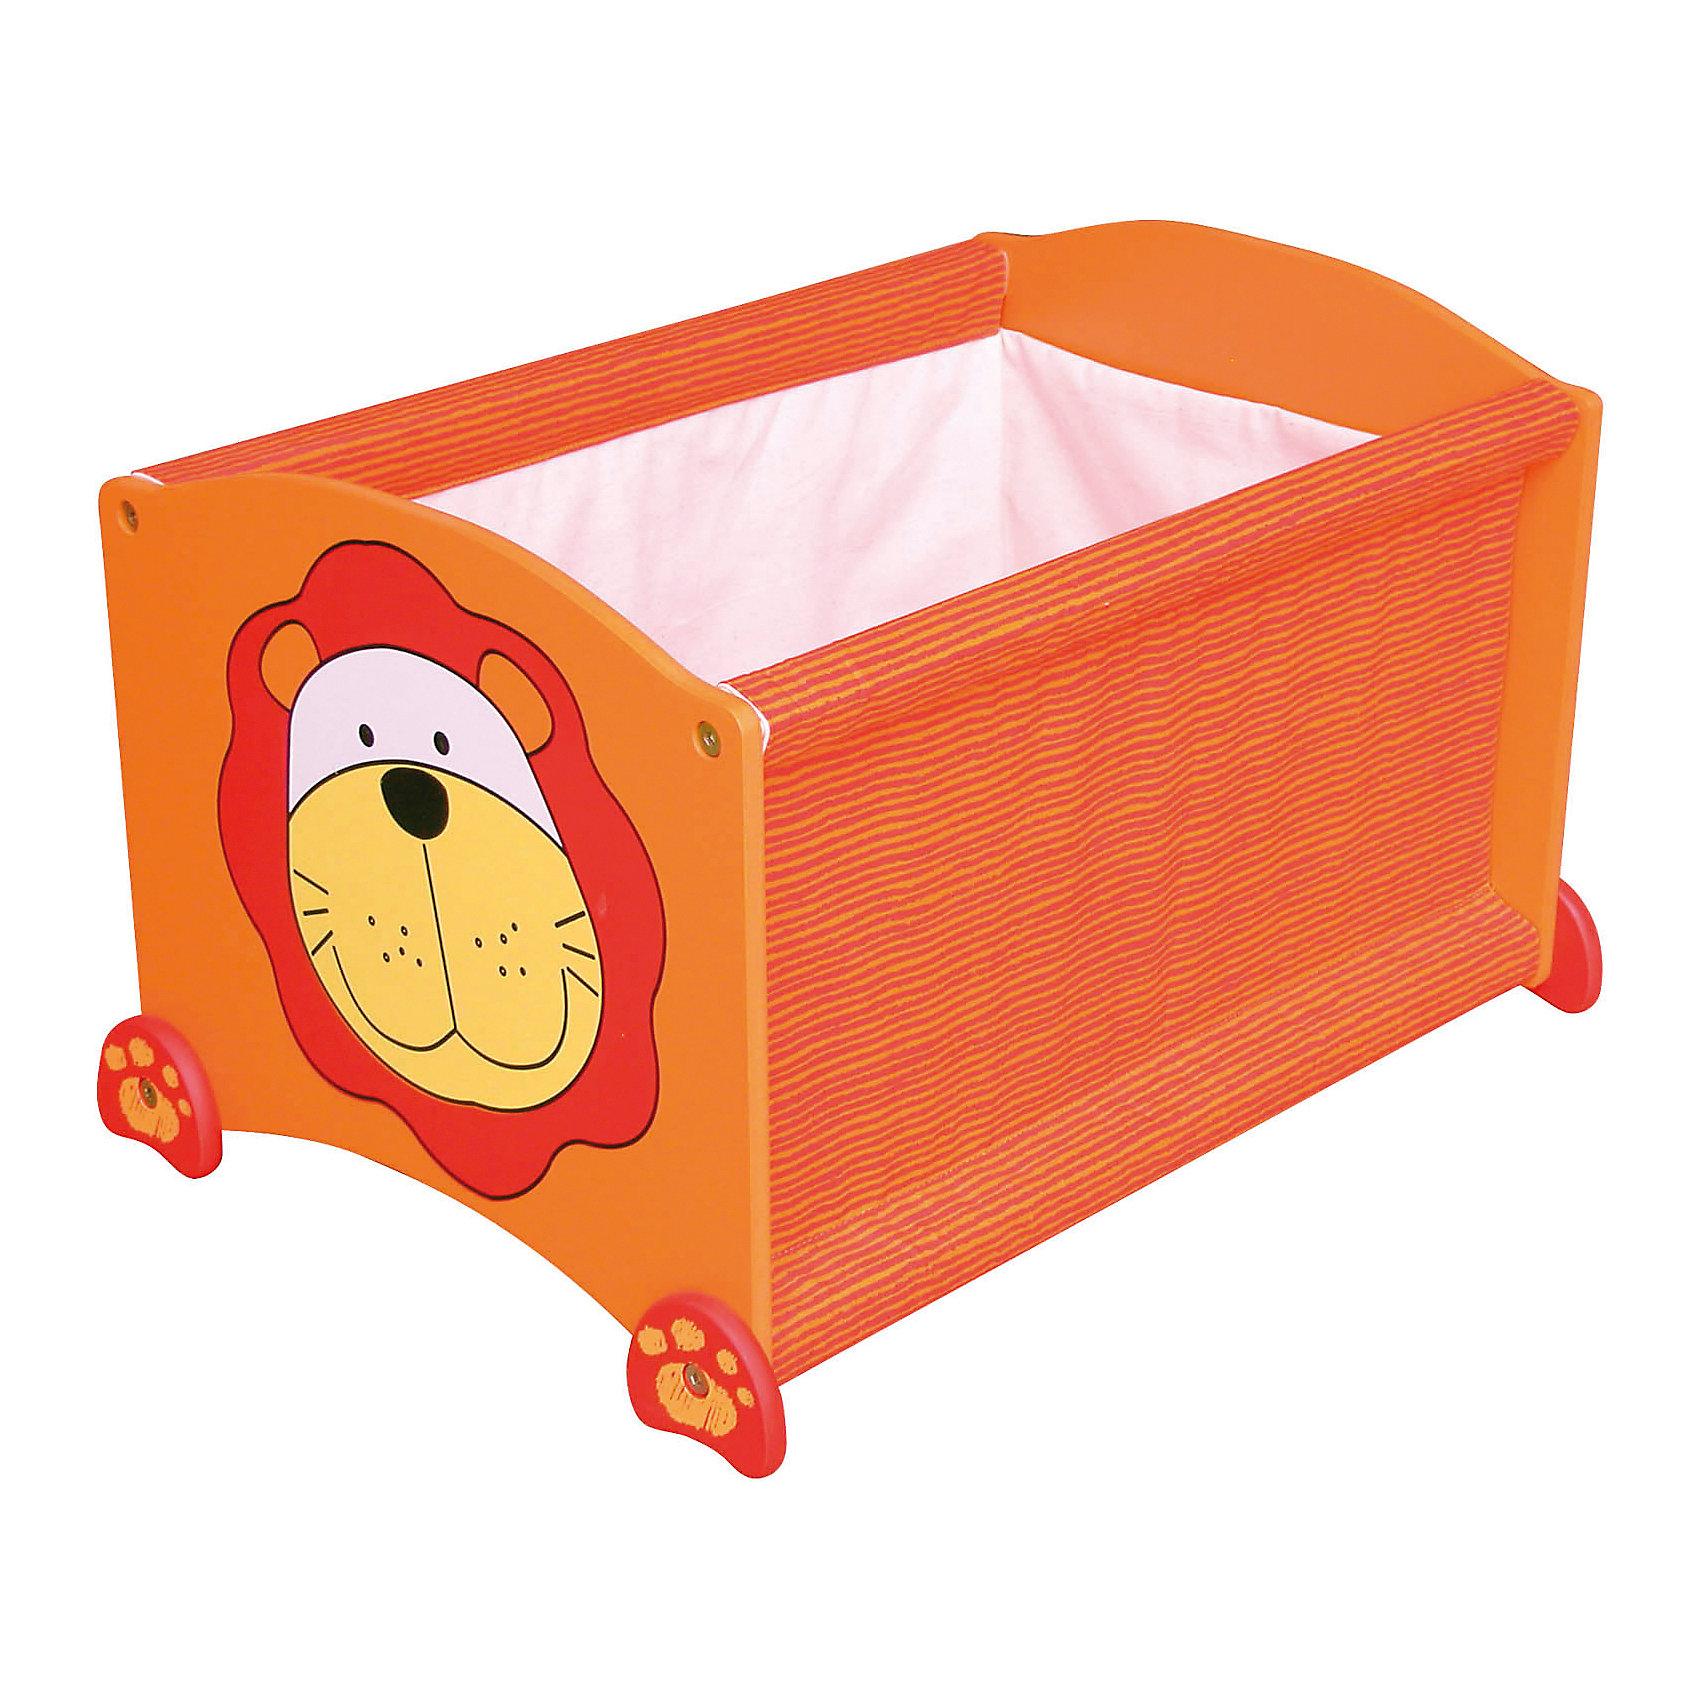 Ящик для хранения Тигр, Im Toy, оранжевыйЯщики для игрушек<br>Ящик для хранения Тигр, Im Toy, оранжевый.<br><br>Характеристики:<br><br>• Для детей в возрасте: от 3 до 6 лет<br>• Материал: древесина, текстиль<br>• Цвет: оранжевый<br>• Размер: 34 х 44 х 32,5 см.<br>• Вес: 2,583 кг.<br><br>Ящик для хранения позволит вам сохранять порядок в детской комнате, а также приучать малыша к аккуратности и к тому, что все вещи должны лежать на своих местах. Ящик выполнен в виде прямоугольной конструкции оранжевого цвета с изображением забавной мордашки тигренка. Он достаточно вместителен. Ящик имеет устойчивое основание, поэтому малыш не опрокинет его во время использования. Углы изделия закруглены. Ящик изготовлен из высококачественной экологичной древесины и текстиля, окрашен безопасными, стойкими к истиранию красителями.<br> <br>Ящик для хранения Тигр, Im Toy, оранжевый можно купить в нашем интернет-магазине.<br><br>Ширина мм: 34<br>Глубина мм: 44<br>Высота мм: 33<br>Вес г: 2583<br>Возраст от месяцев: 36<br>Возраст до месяцев: 72<br>Пол: Унисекс<br>Возраст: Детский<br>SKU: 5543472